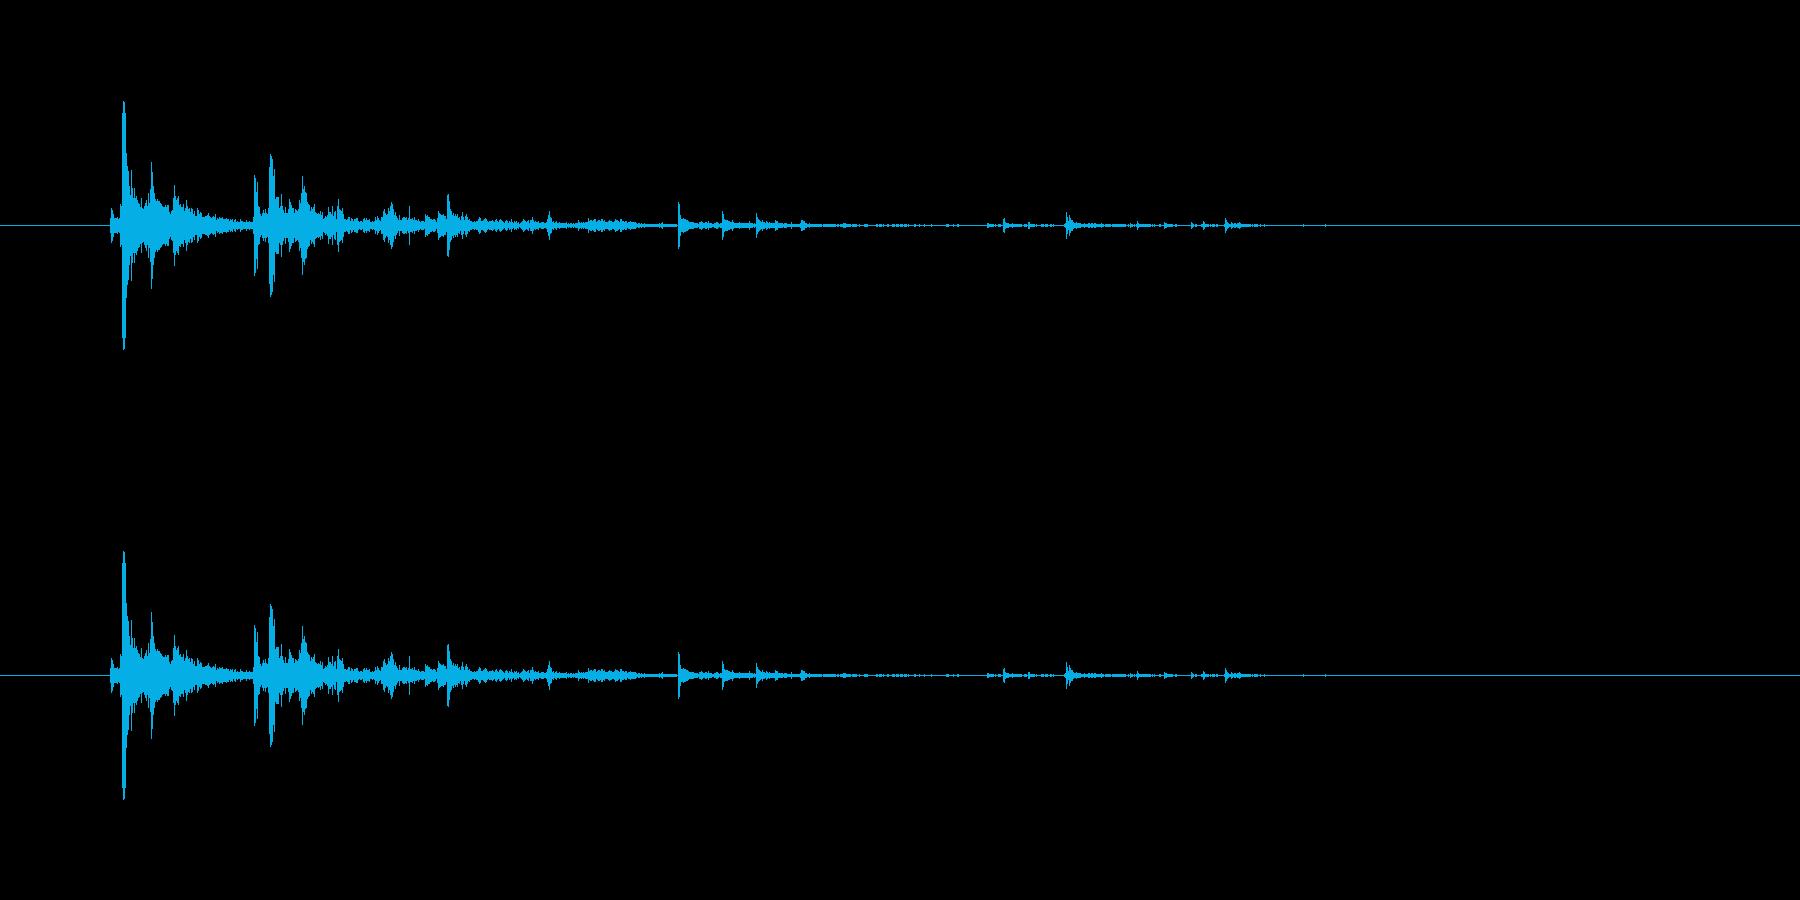 【ペン立て01-5(ひっくり返す)】の再生済みの波形